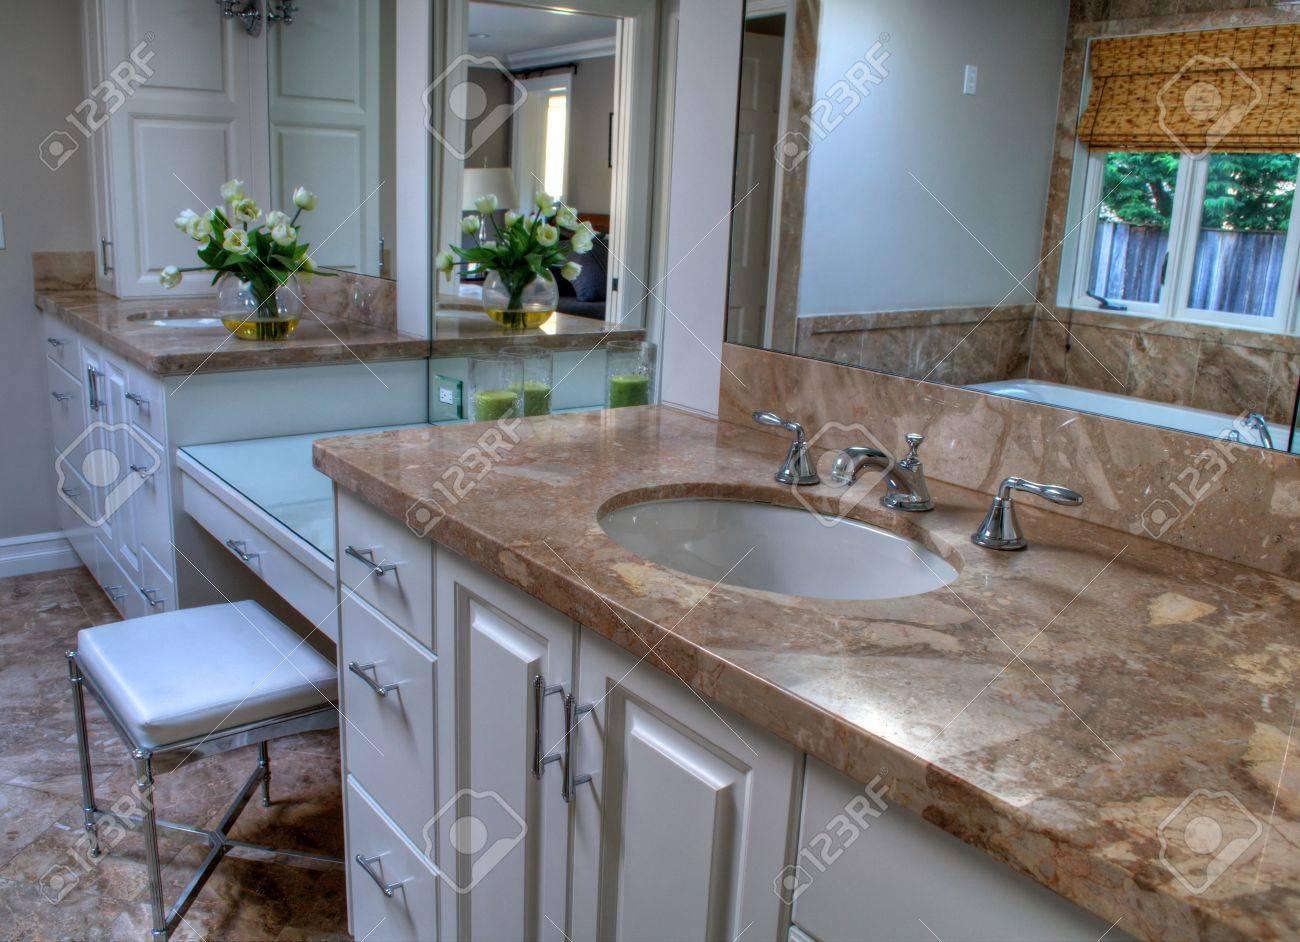 Bagno Colori Neutri : Immagini stock bagno moderno con ampie aree di vanità e lavello